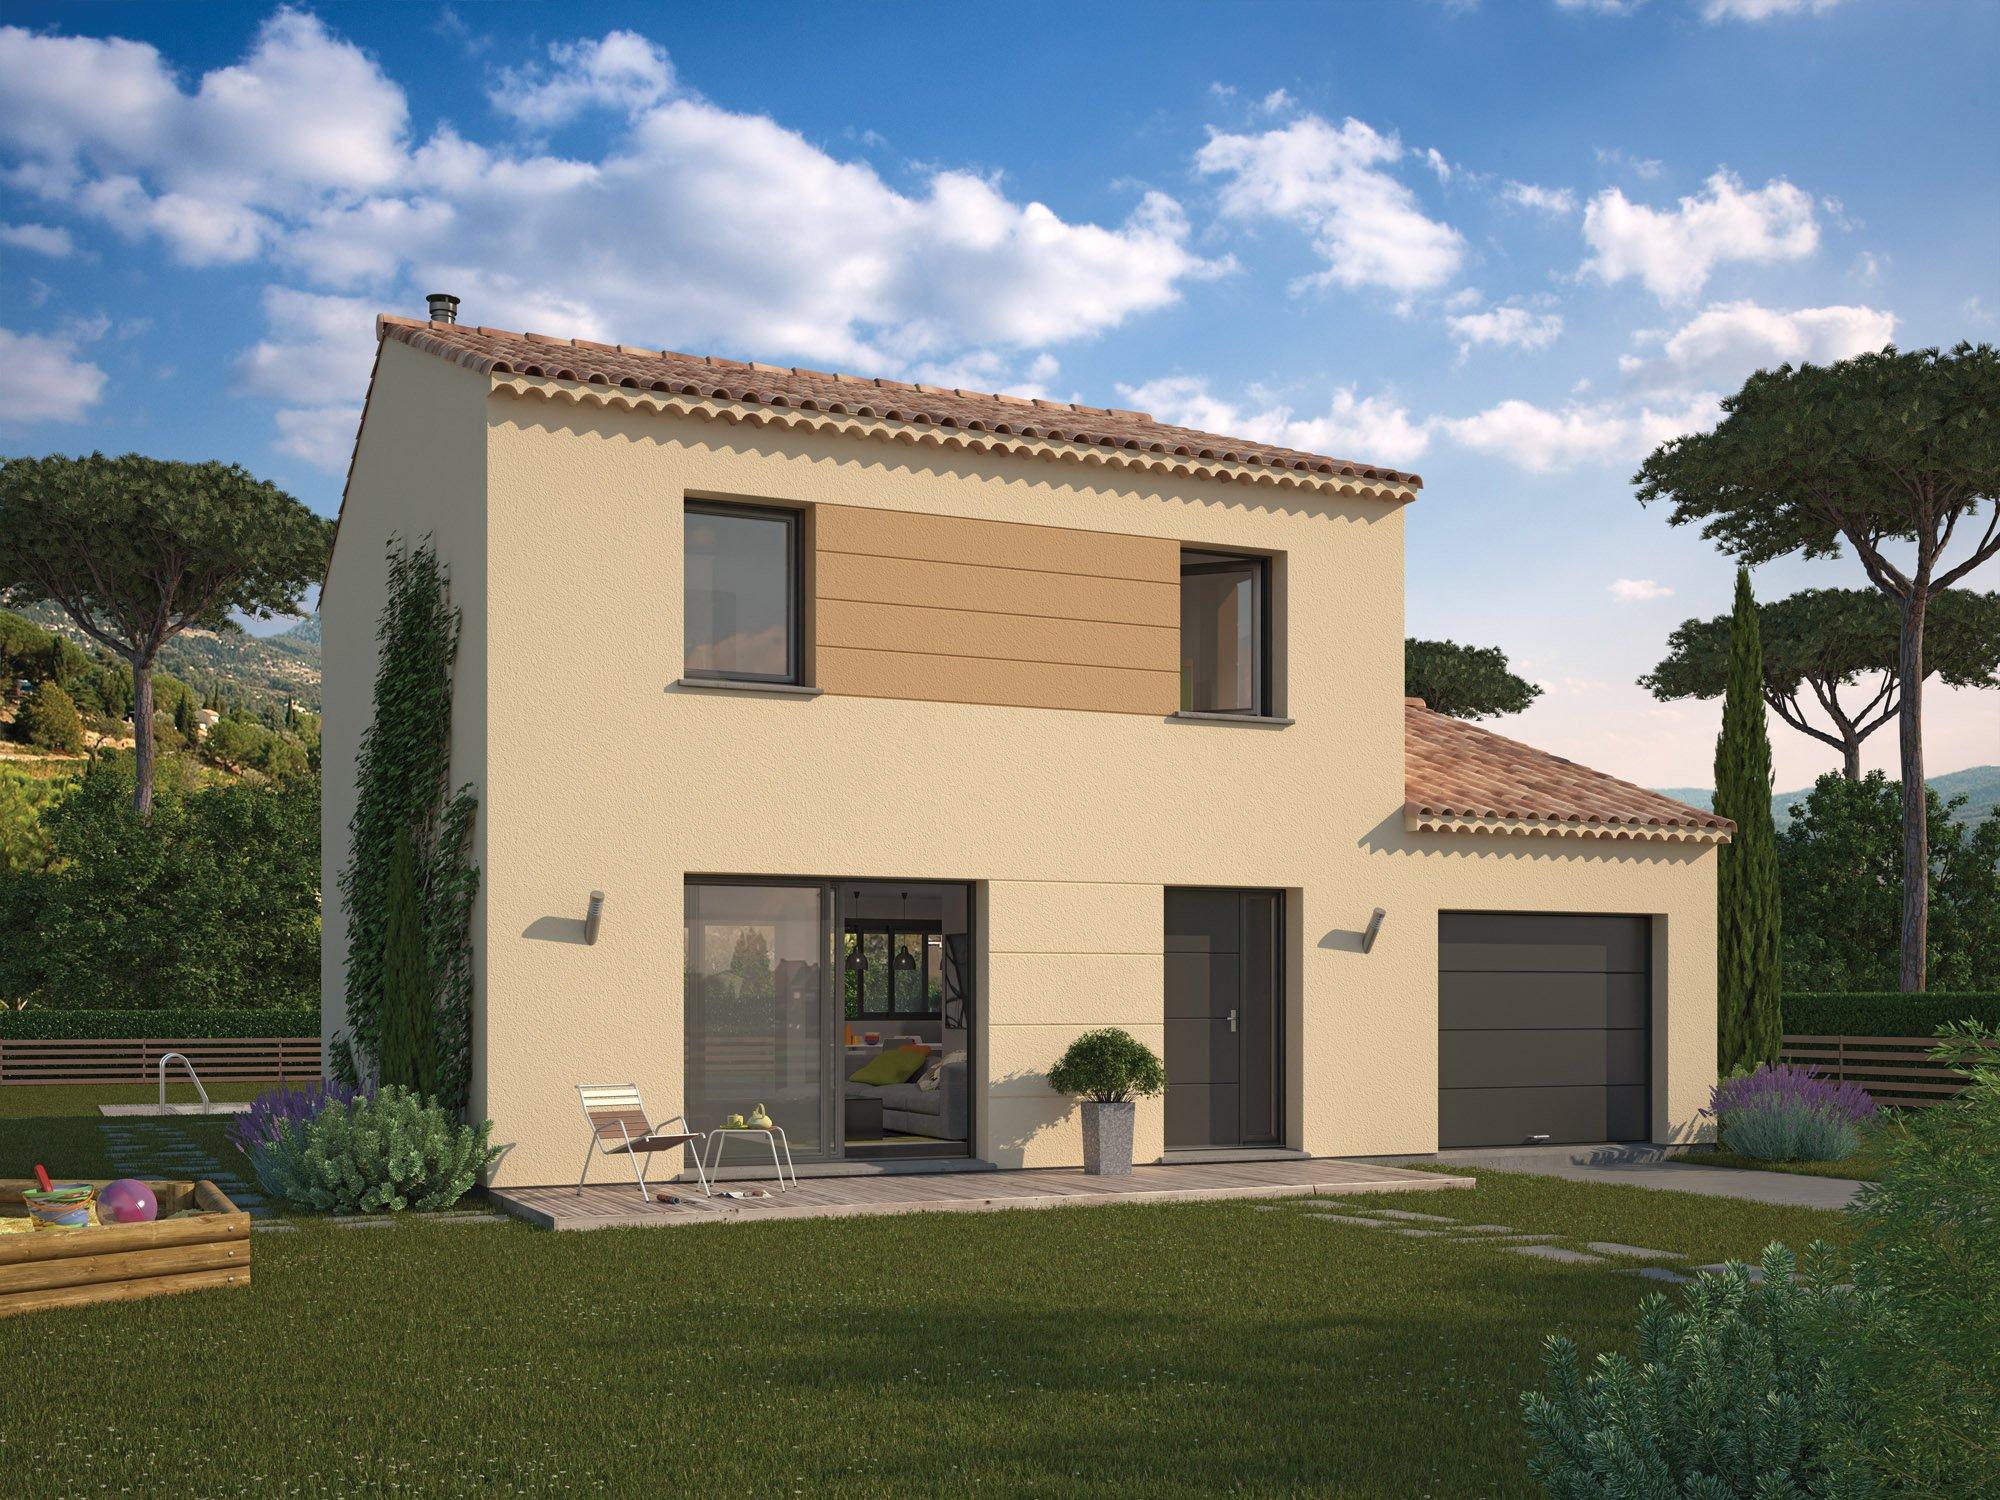 Maisons + Terrains du constructeur MAISON FAMILIALE • 98 m² • SAINT BRES